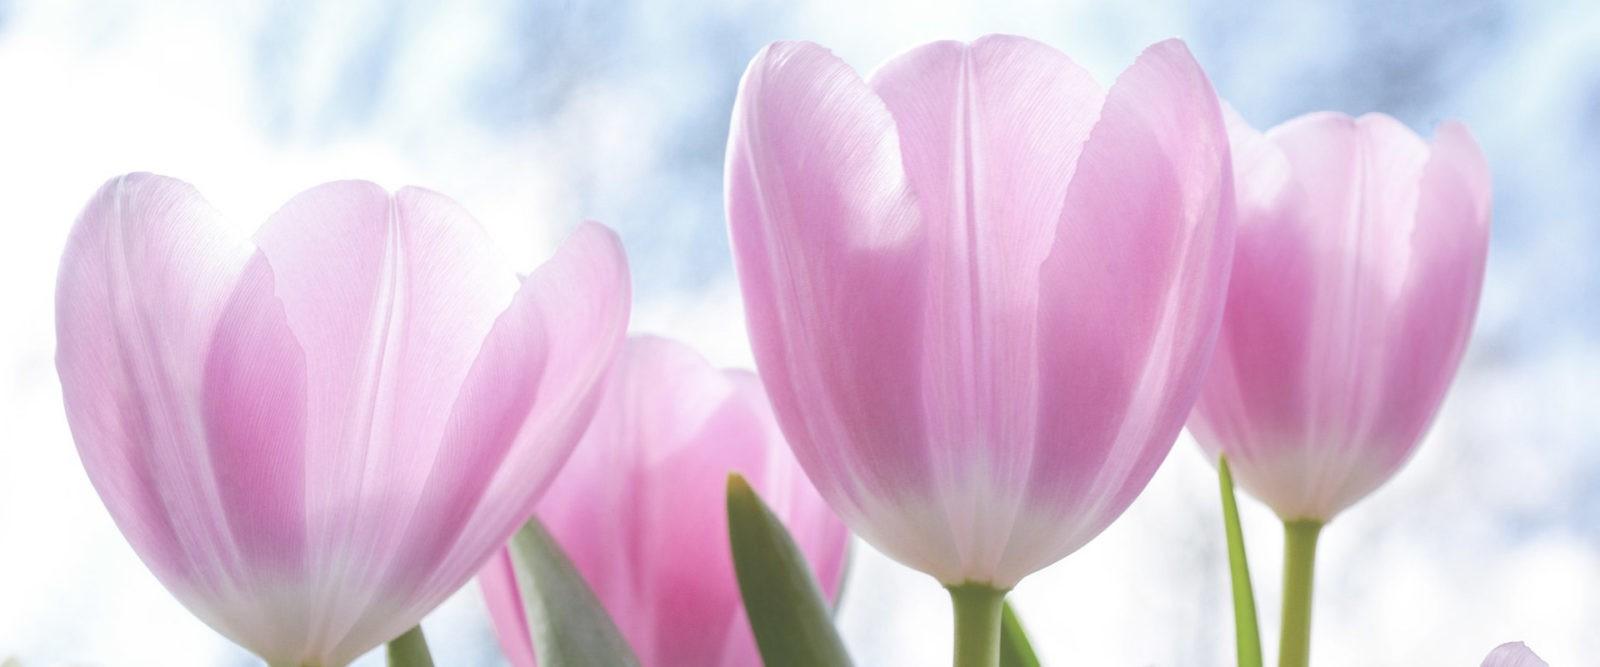 Die 4 Blumen der Grundlagen der Diamantschneider-Prinzipien